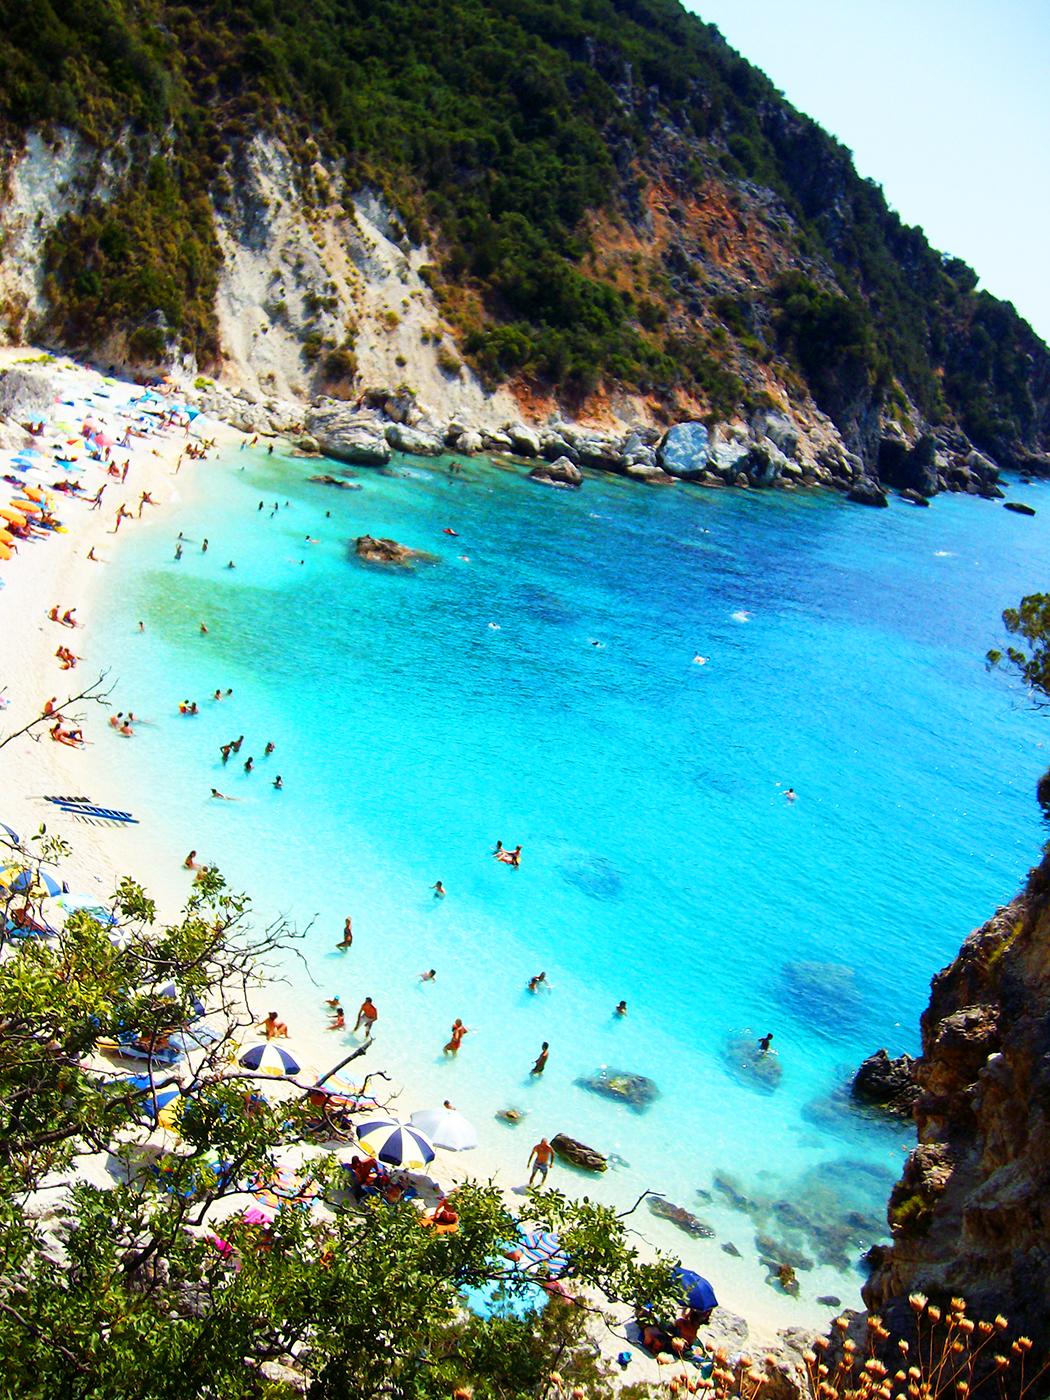 Plaja Agiofili, Lefkada, Vacanta si Calatorii, Viata ca o vacanta